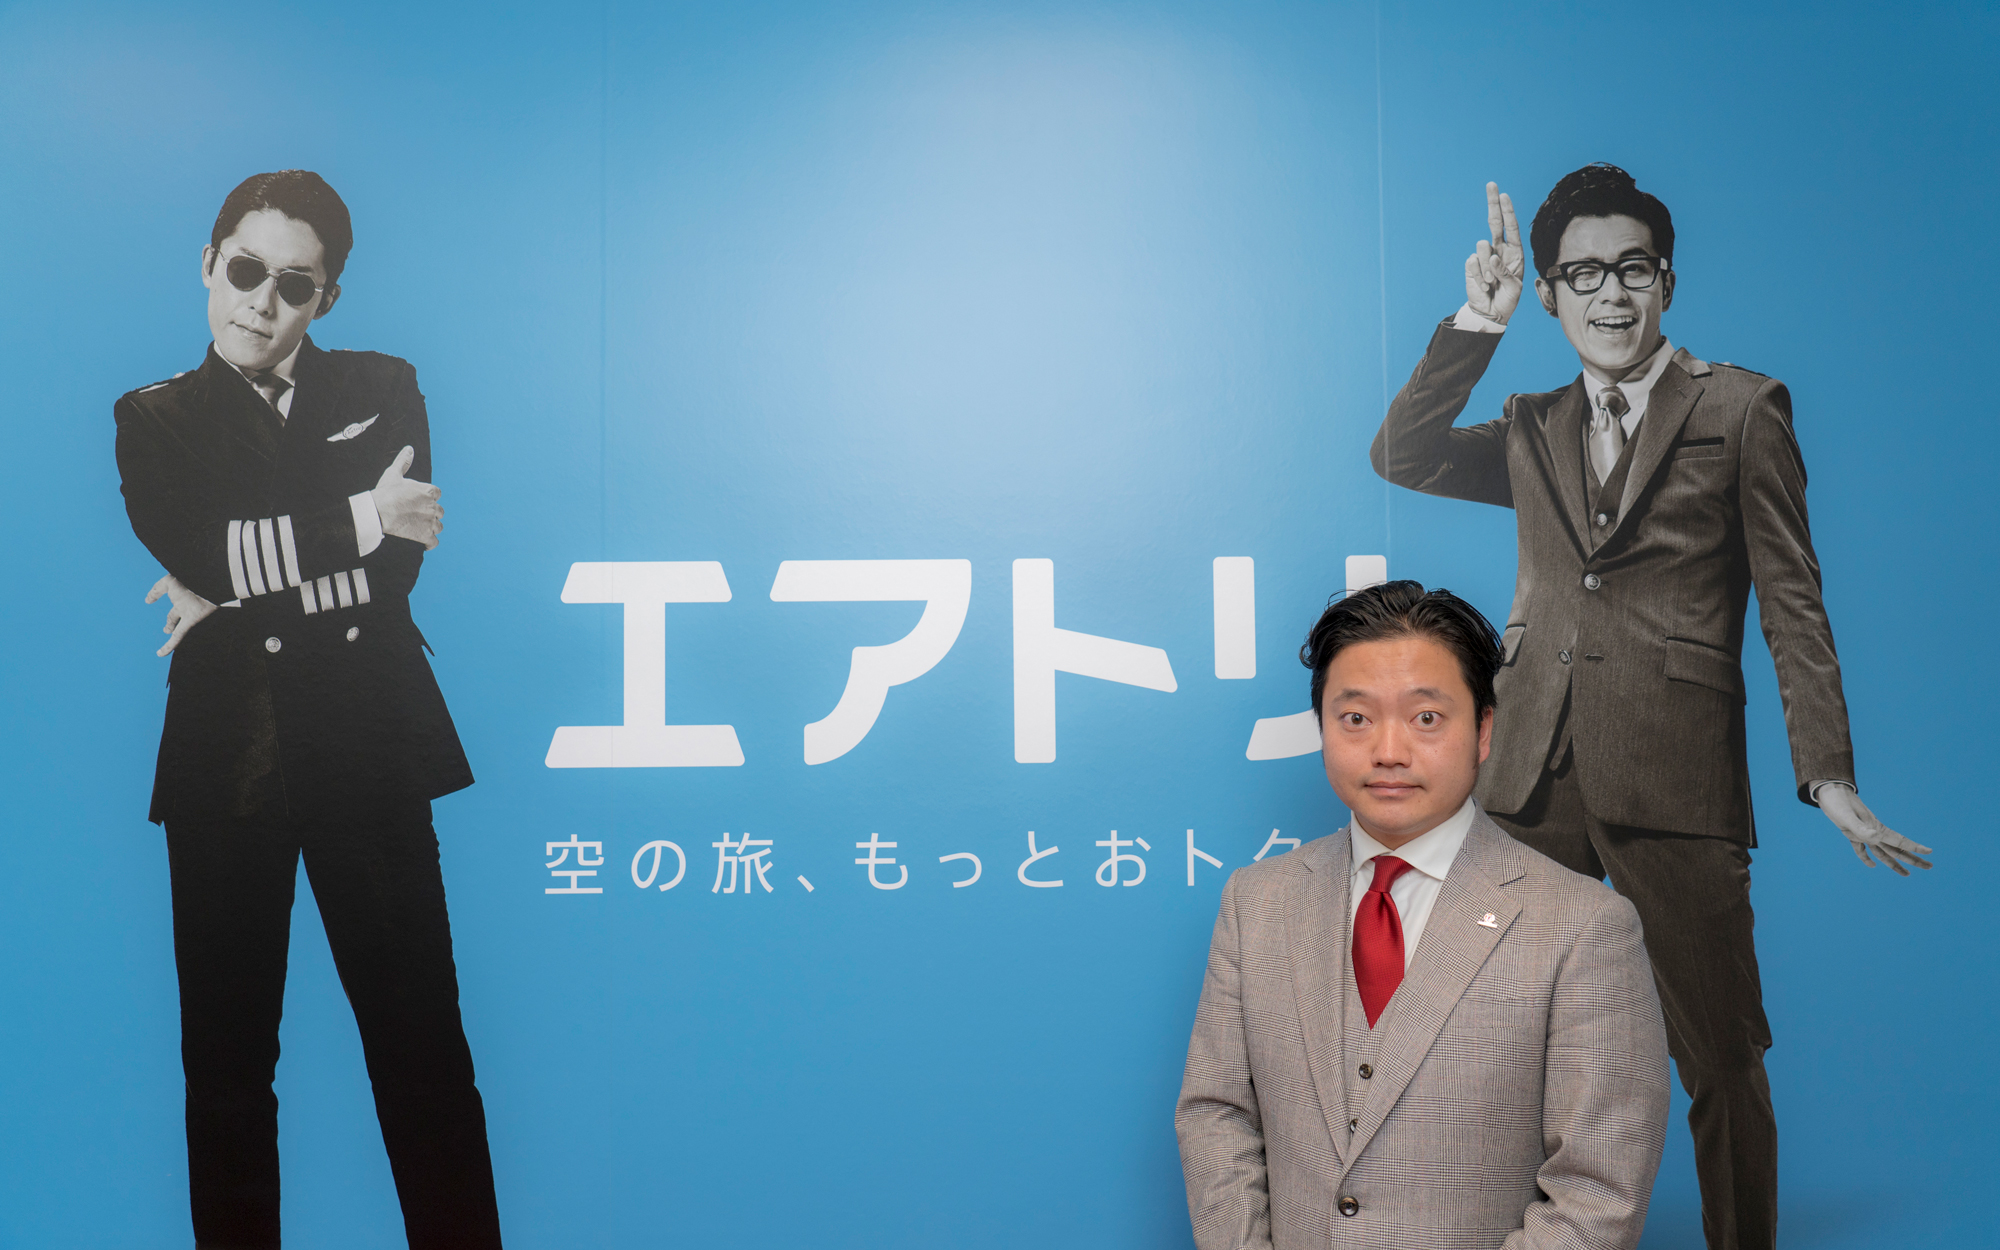 株式会社エボラブルアジア 吉村英毅代表取締役CEO インタビュー サムネイル